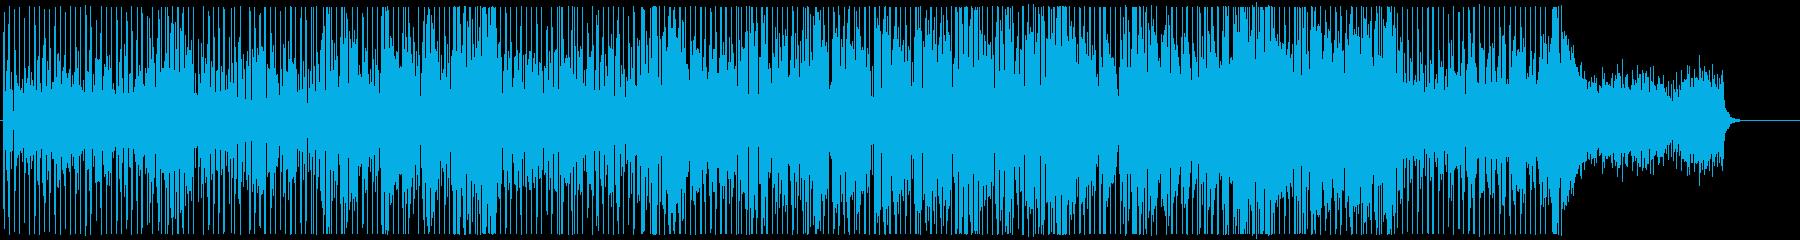 ふたりの再生済みの波形